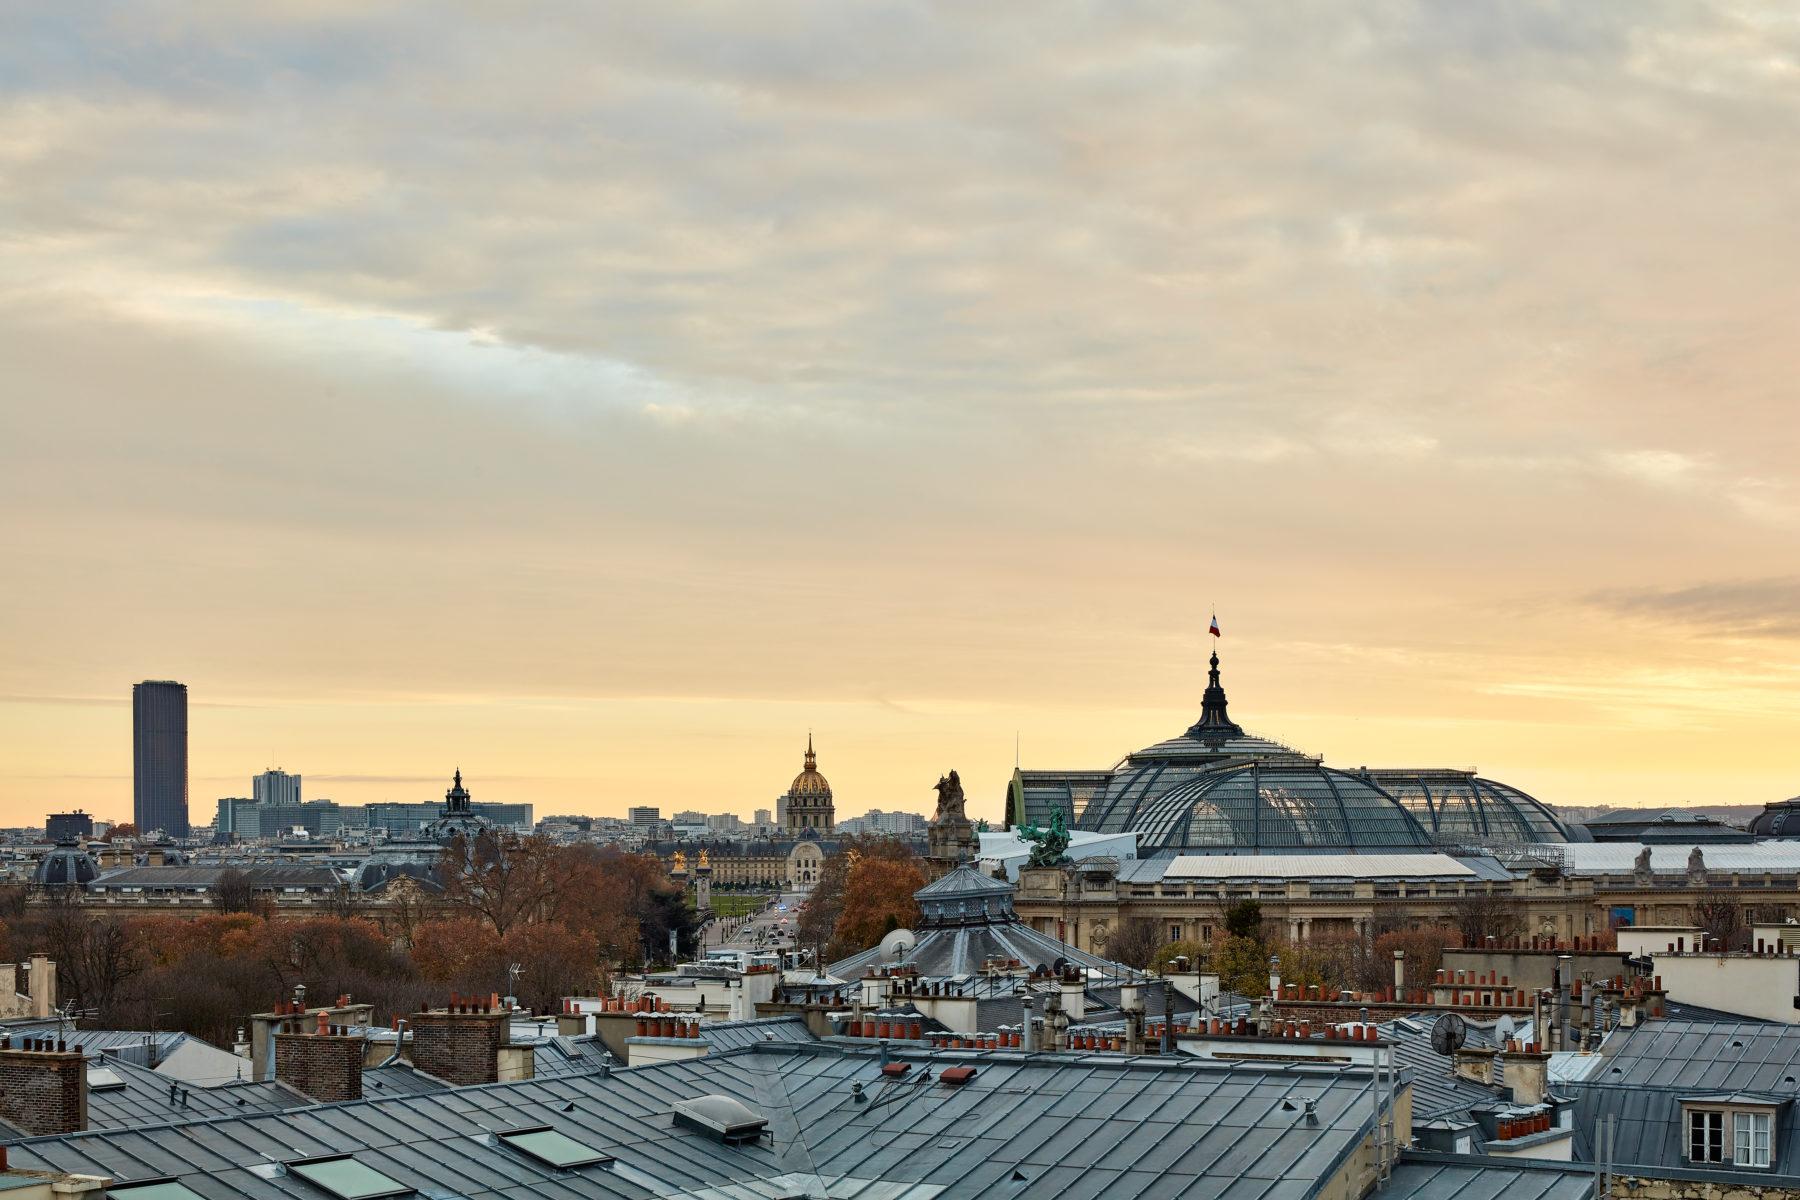 Panorama, toit de Paris, toiture en Zinc, Invalides, Grand palais, Montparnasse